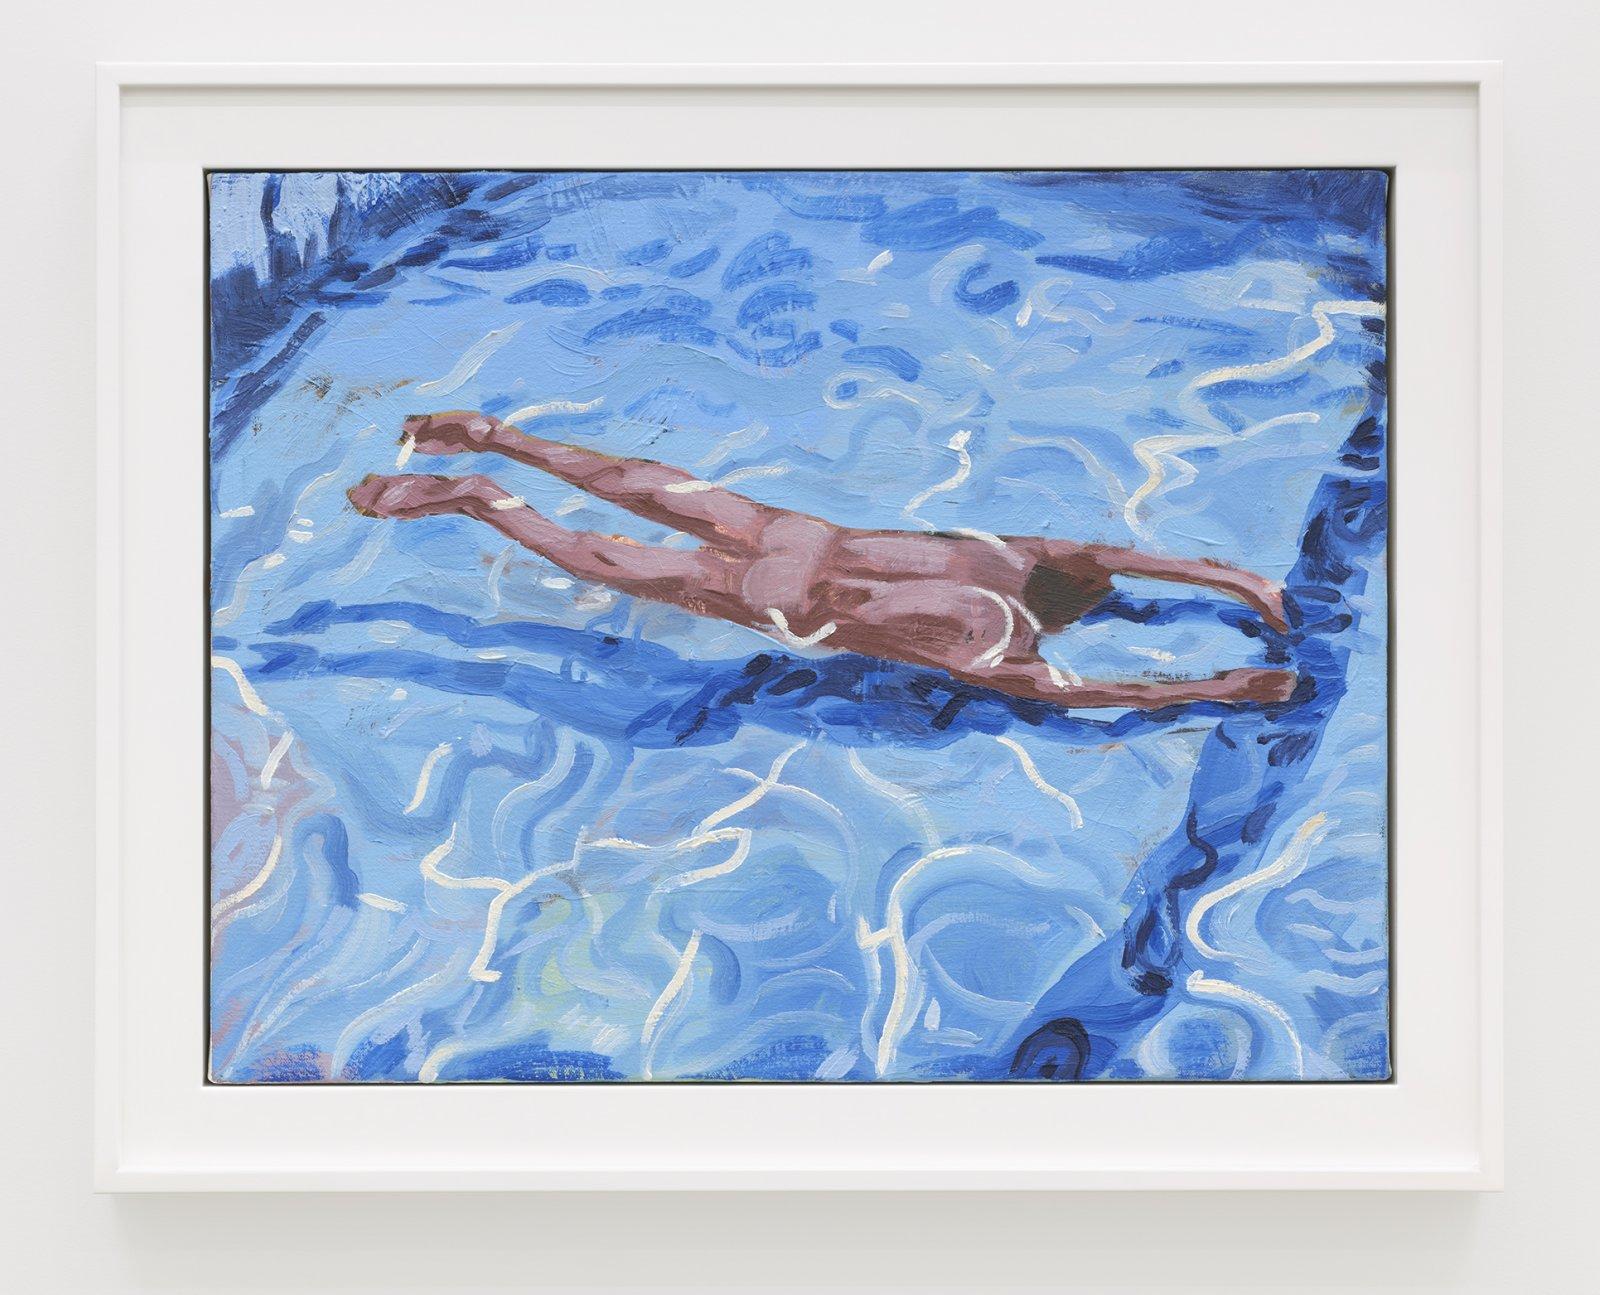 Damian Moppett, Untitled (Blue Pool), 2020, oil on canvas, 20 x 25 in. (51 x 64 cm) by Damian Moppett